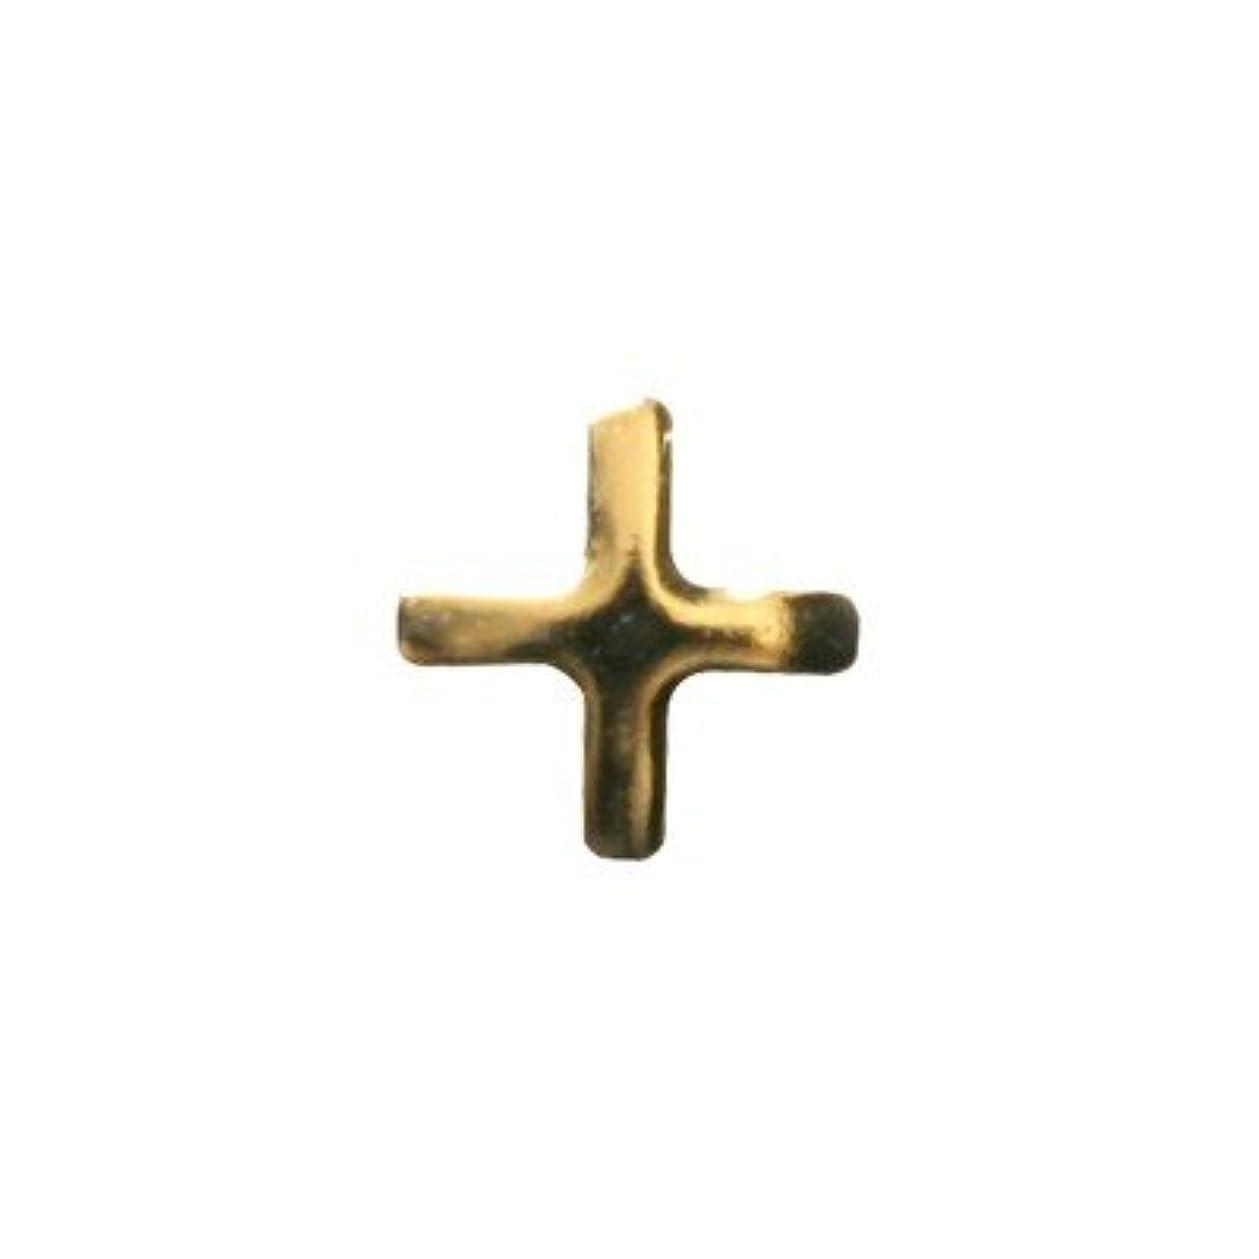 とげ耳寄生虫ピアドラ スタッズ クロスレット ハーフ 3mm 50P ゴールド